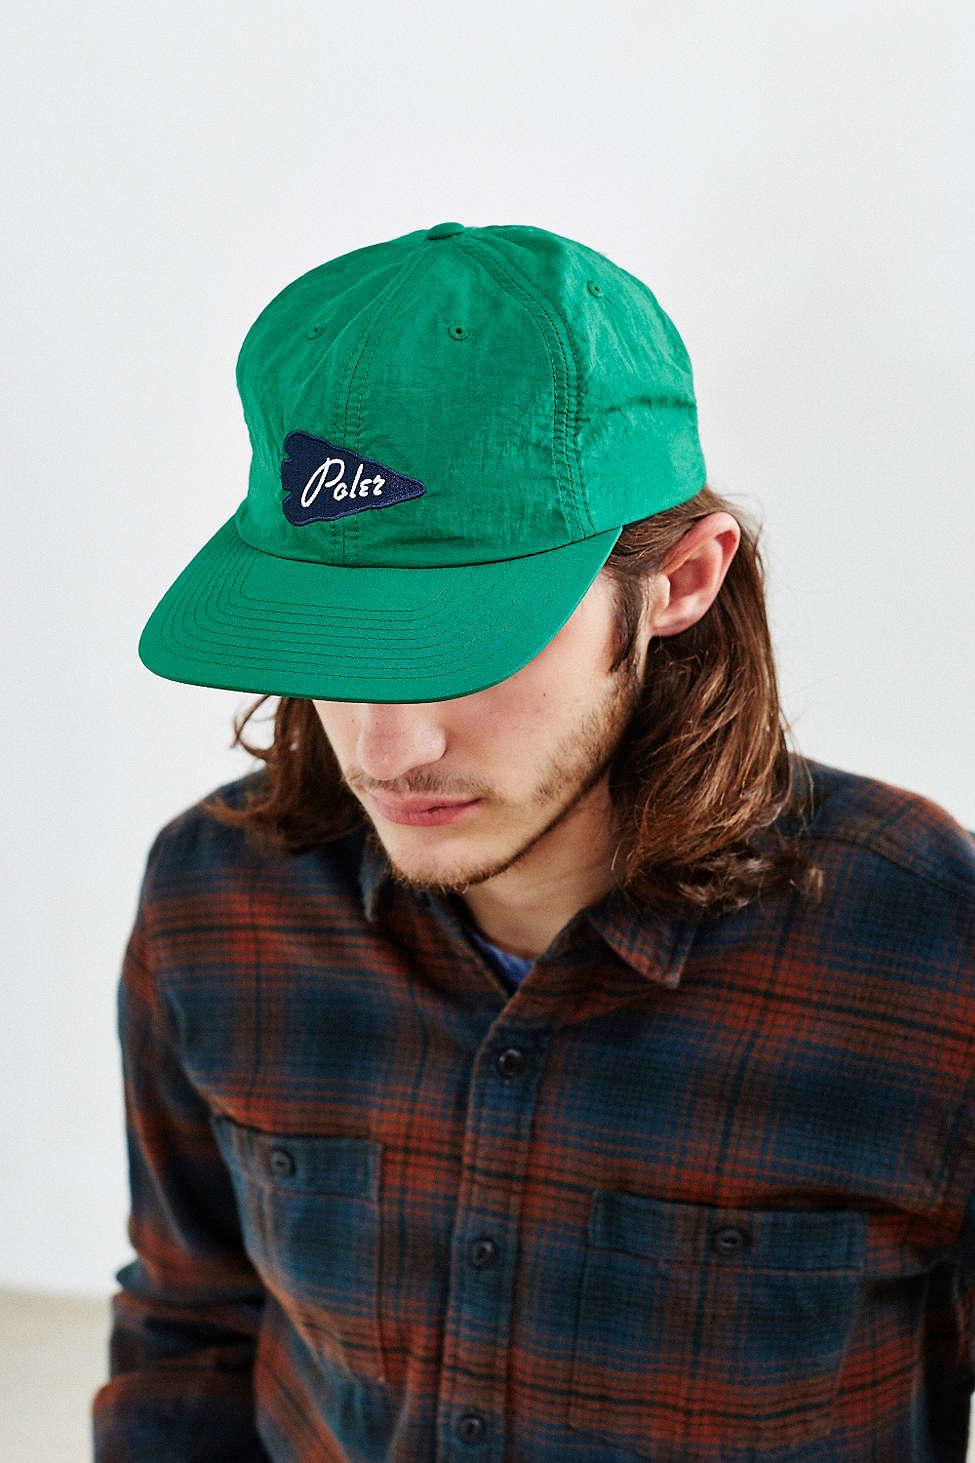 Lyst - Poler Coastal Floppy Baseball Hat in Green for Men 5362622153b